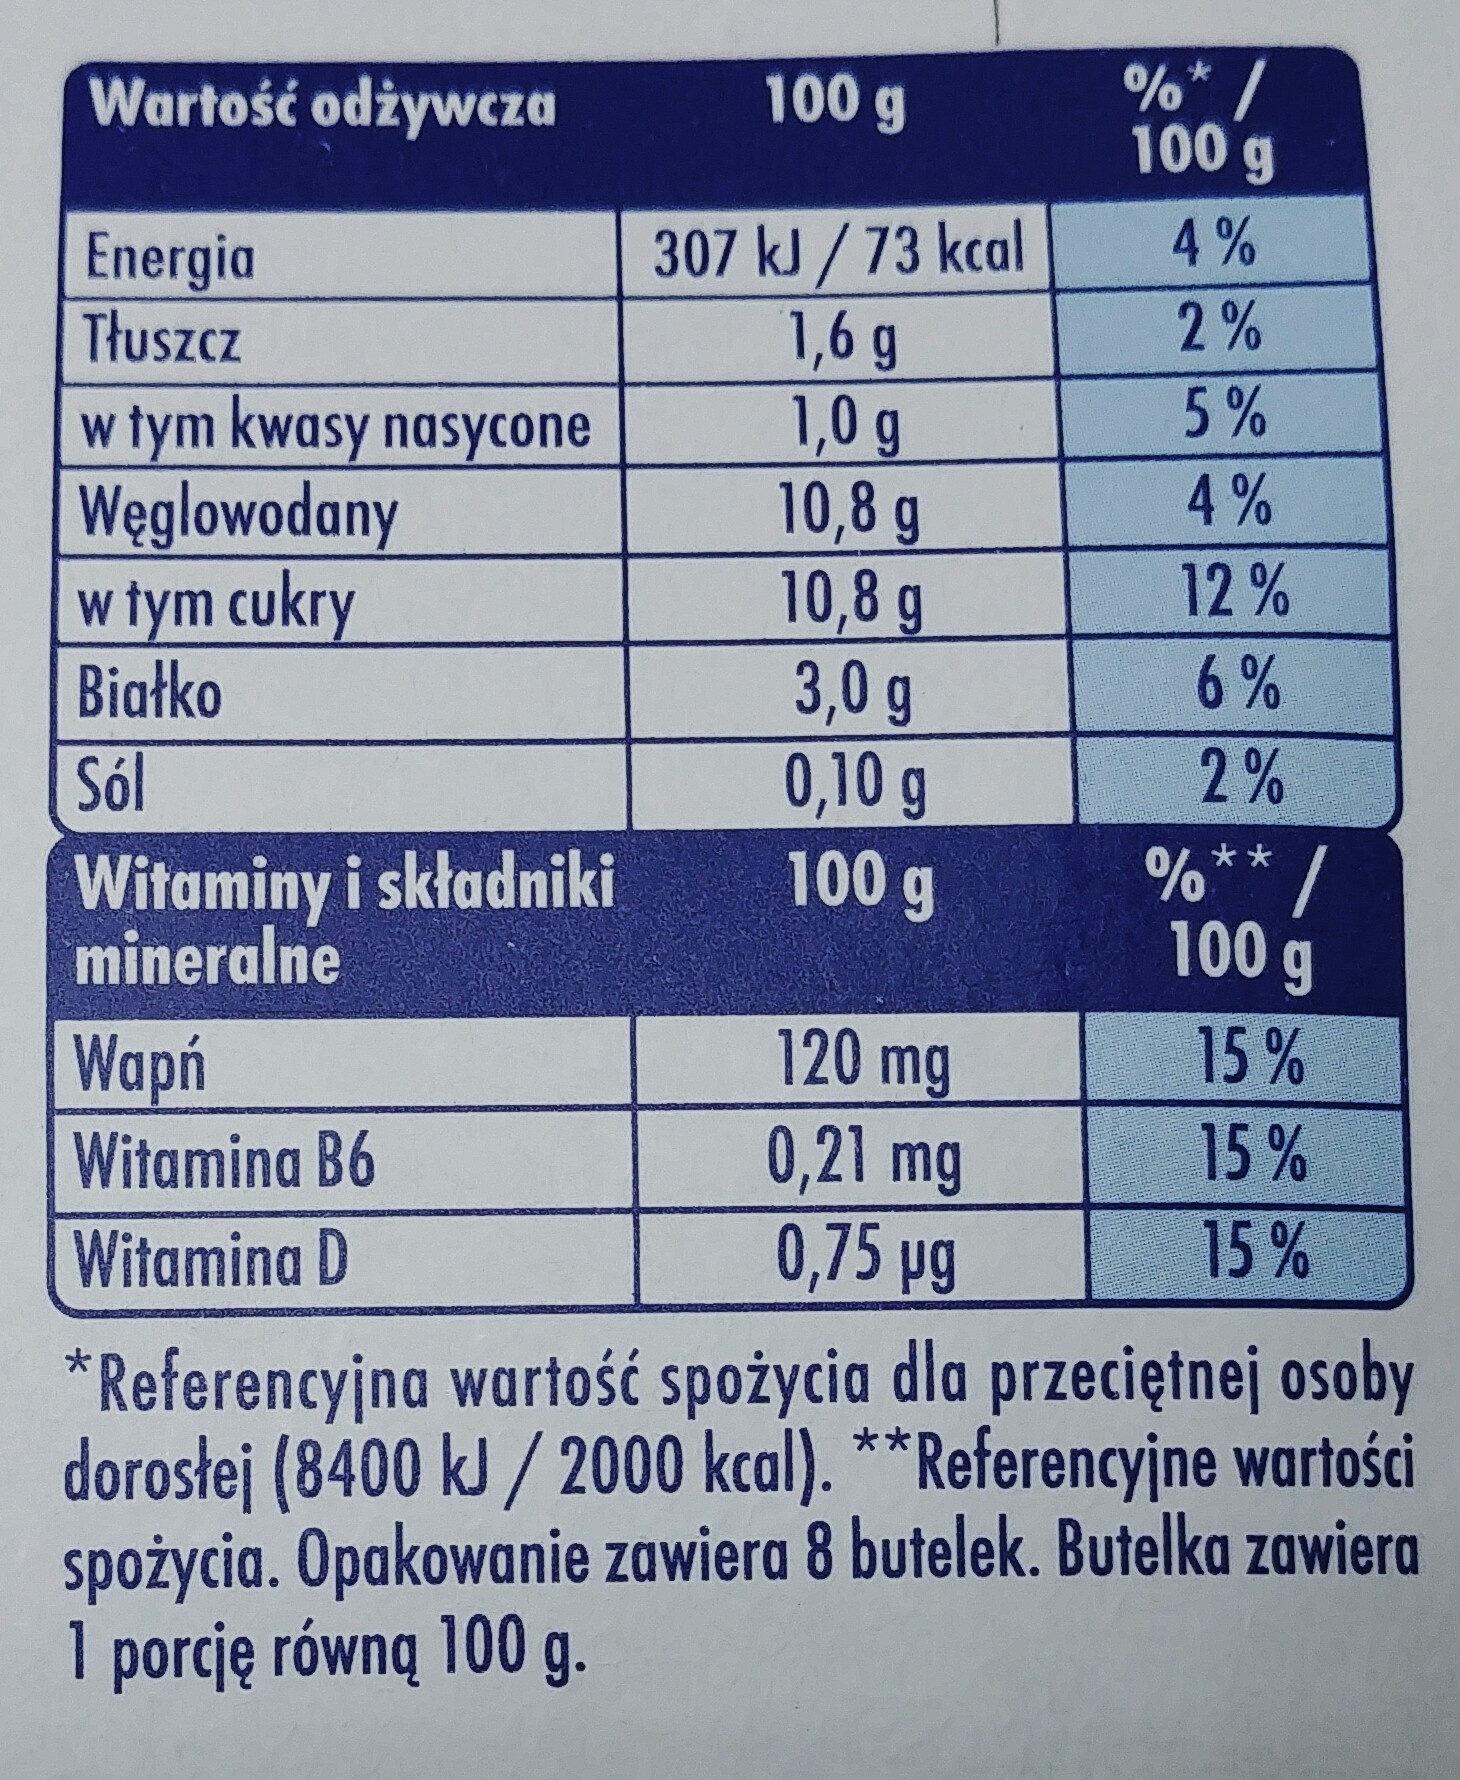 Actimel klasyczny - Wartości odżywcze